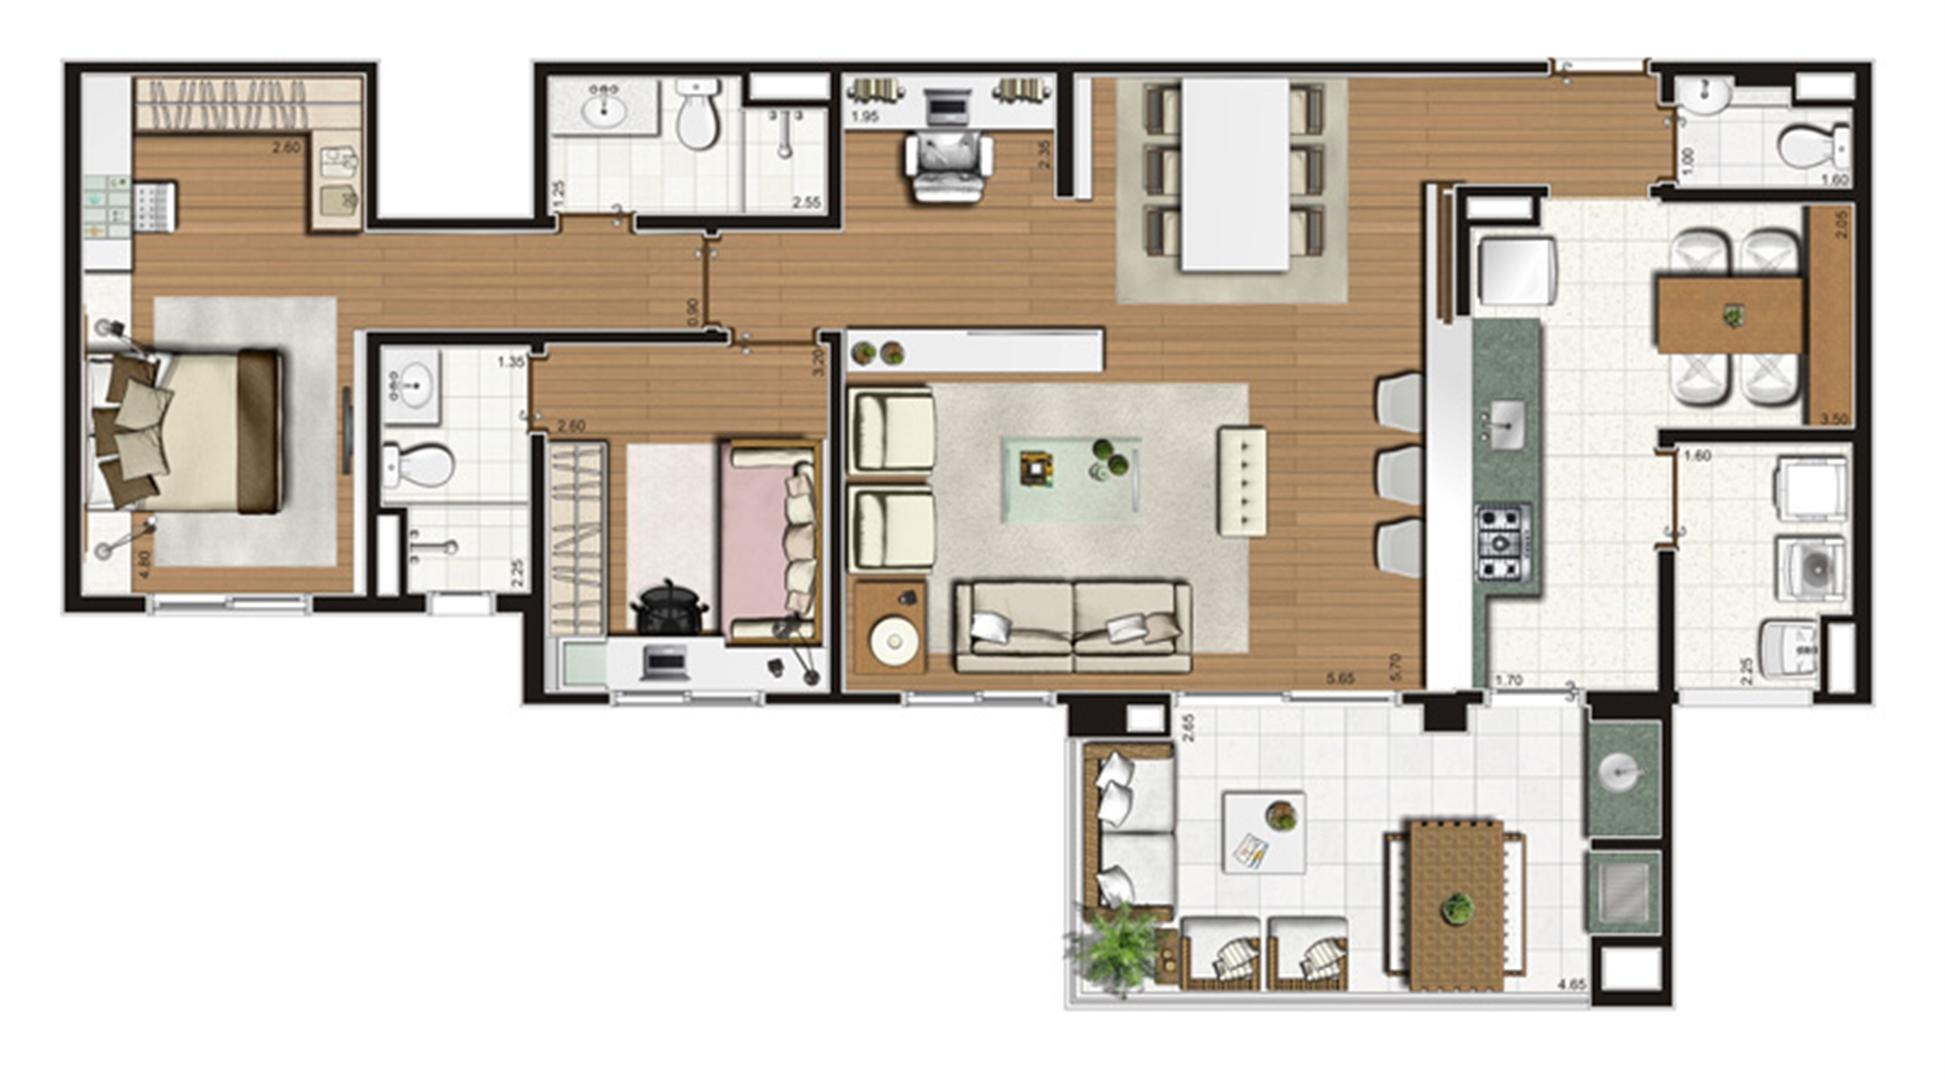 Planta-opção apartamento de 110 m² privativos 2 suítes | Luzes da Mooca - Villaggio Luna – Apartamento na  Mooca - São Paulo - São Paulo